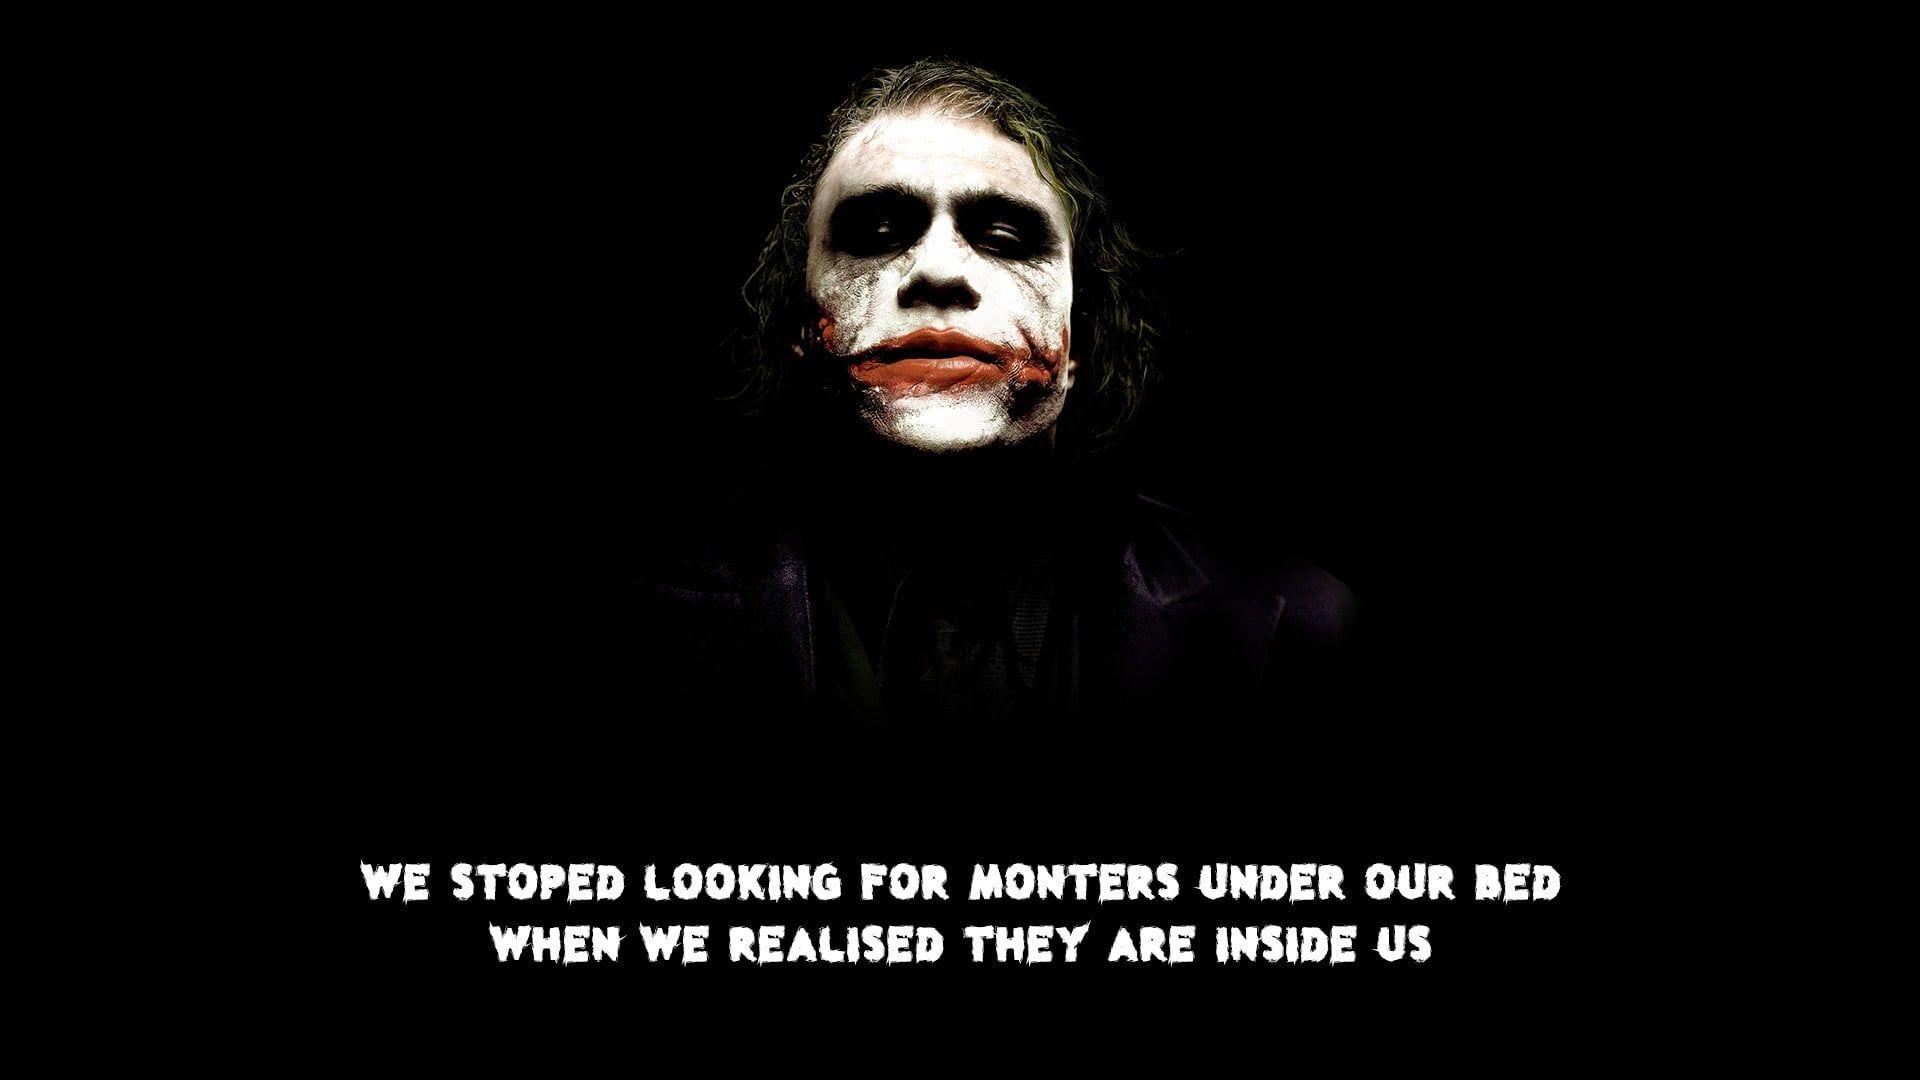 Joker Quote Typo The Dark Knight 1080p Wallpaper Hdwallpaper Desktop Joker Wallpapers Dark Knight Wallpaper Dark Knight Returns Joker